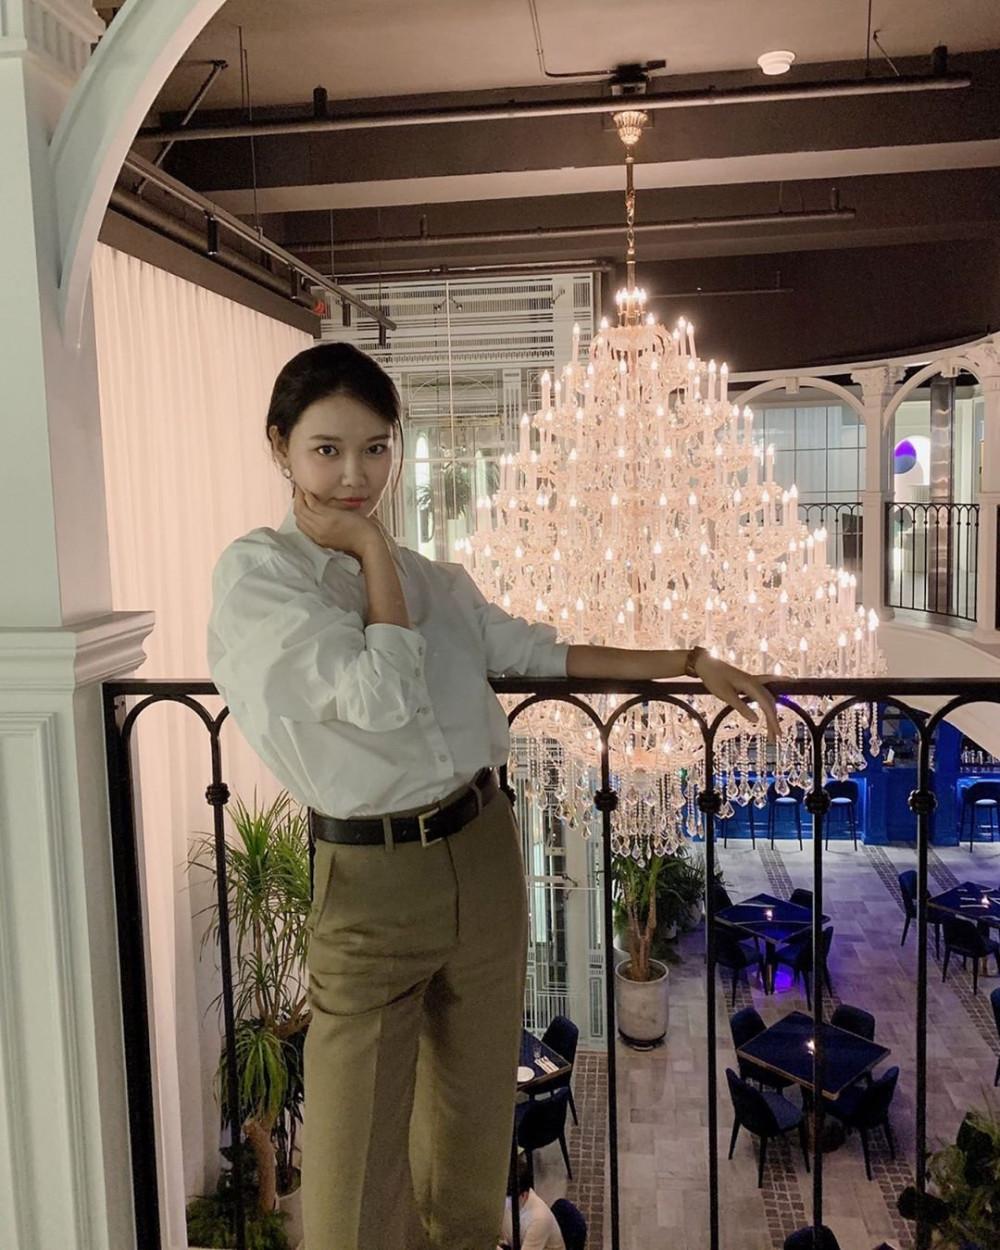 Không chọn màu đen, Sooyoung sử dụng chiếc quần ống đứng màu be phối với áo sơ mi trắng tạo nên vẻ ngoài nhẹ nhàng và nữ tính. Bên cạnh đó, nữ diễn viên không quên kết hợp thắt lưng, dây chuyền và đồng hồ ton-sur-ton.